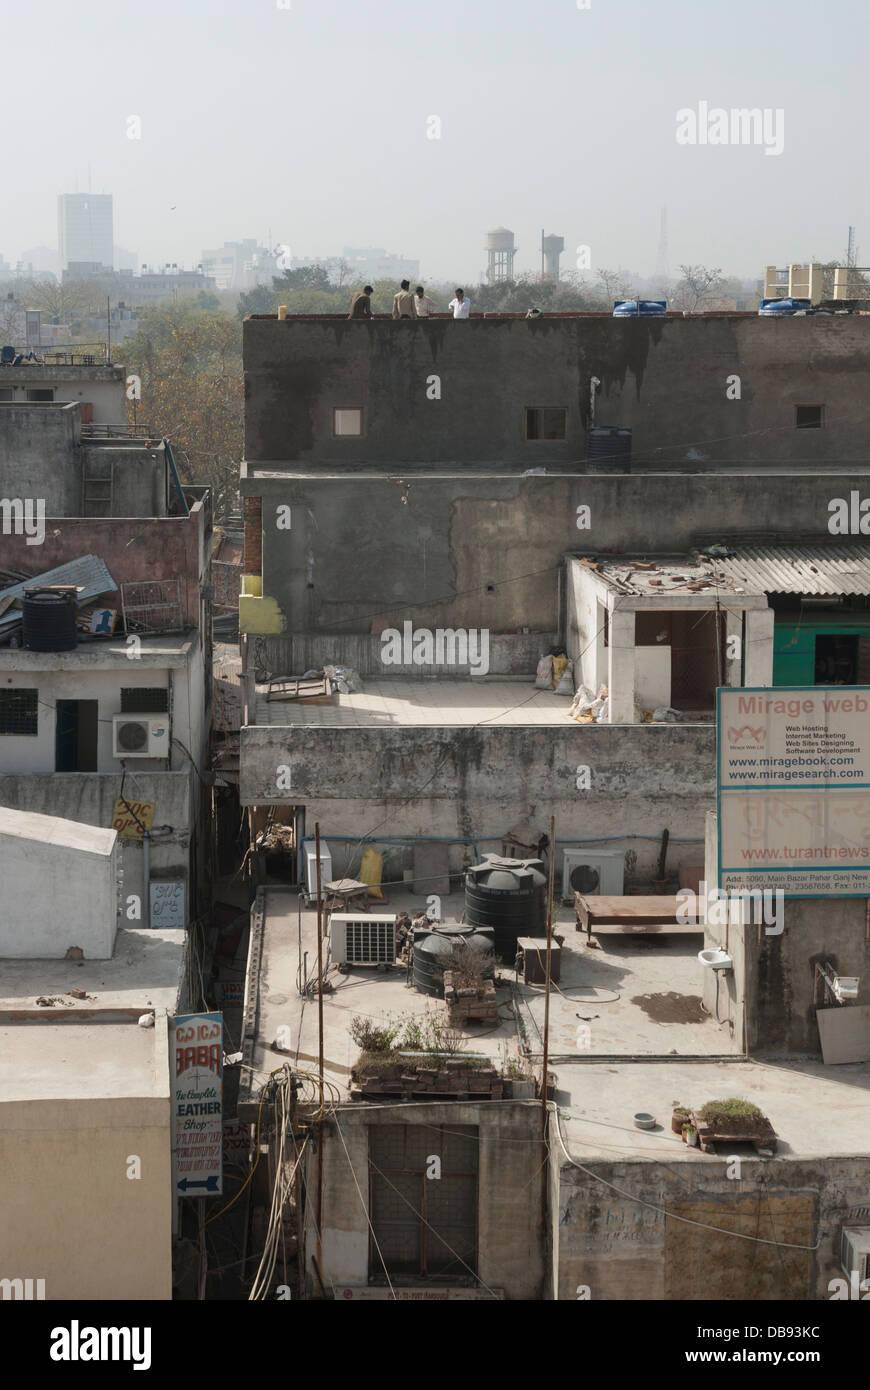 Paharganj, New Delhi, Inde. 23 mars 2012. Skyline de New Delhi à la recherche sur les toits résident. Photo Stock